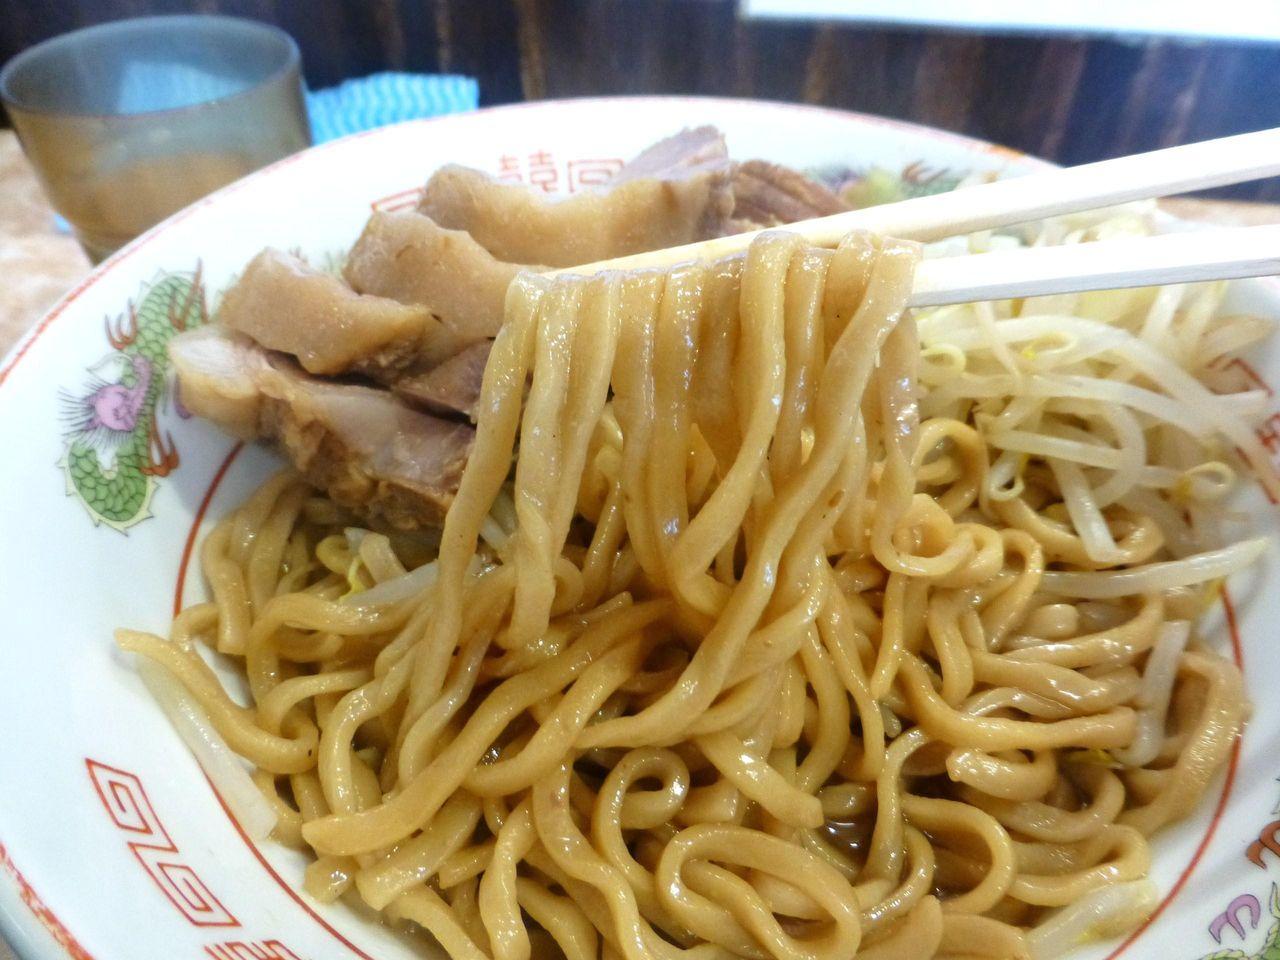 太麺は甘くてしょっぱいコッテリ濃厚な味わい!